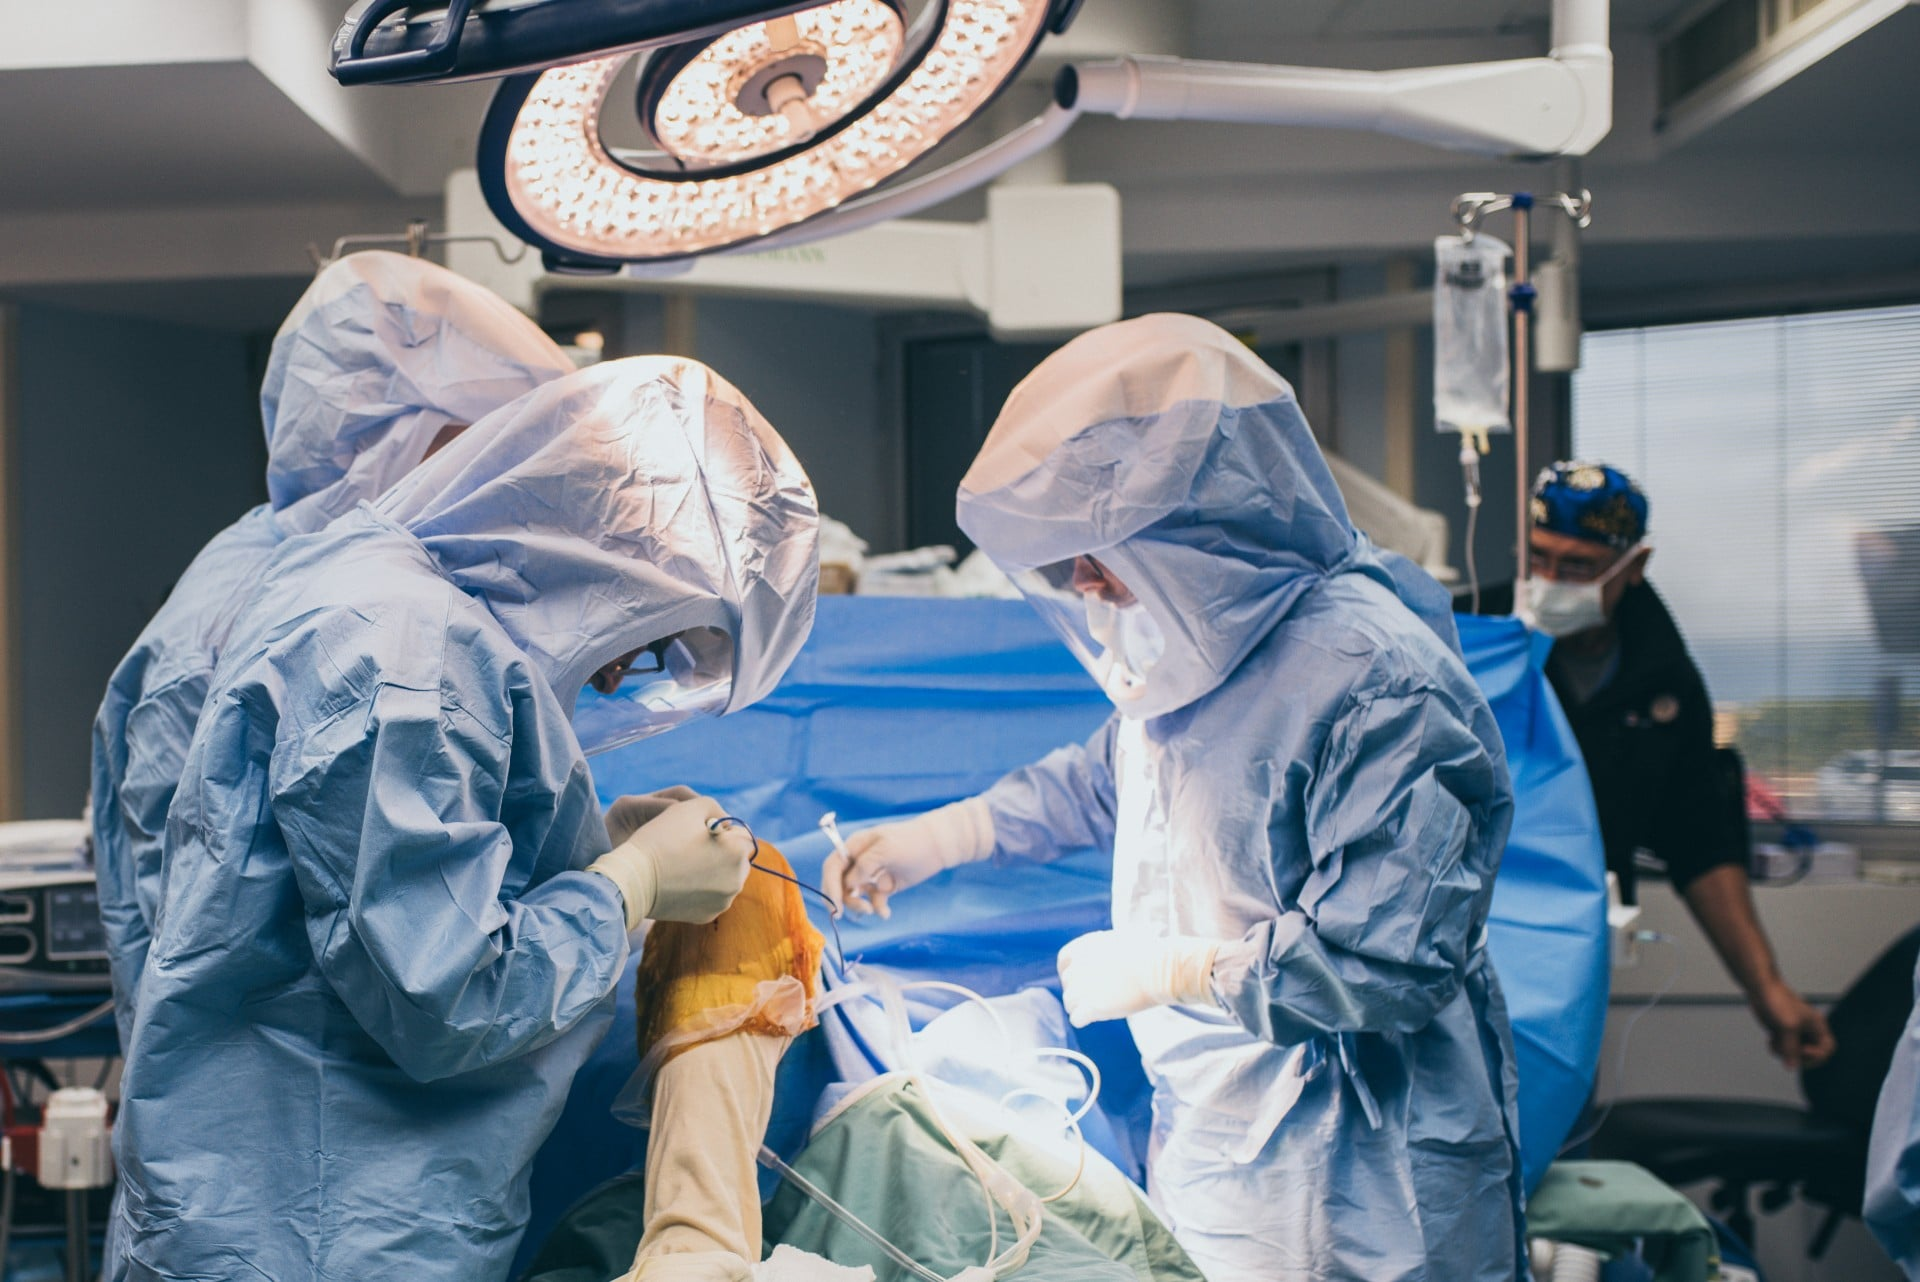 כאבי מפרקים וכאבי ברכיים – מתי הגיע הזמן לראות רופא מומחה?